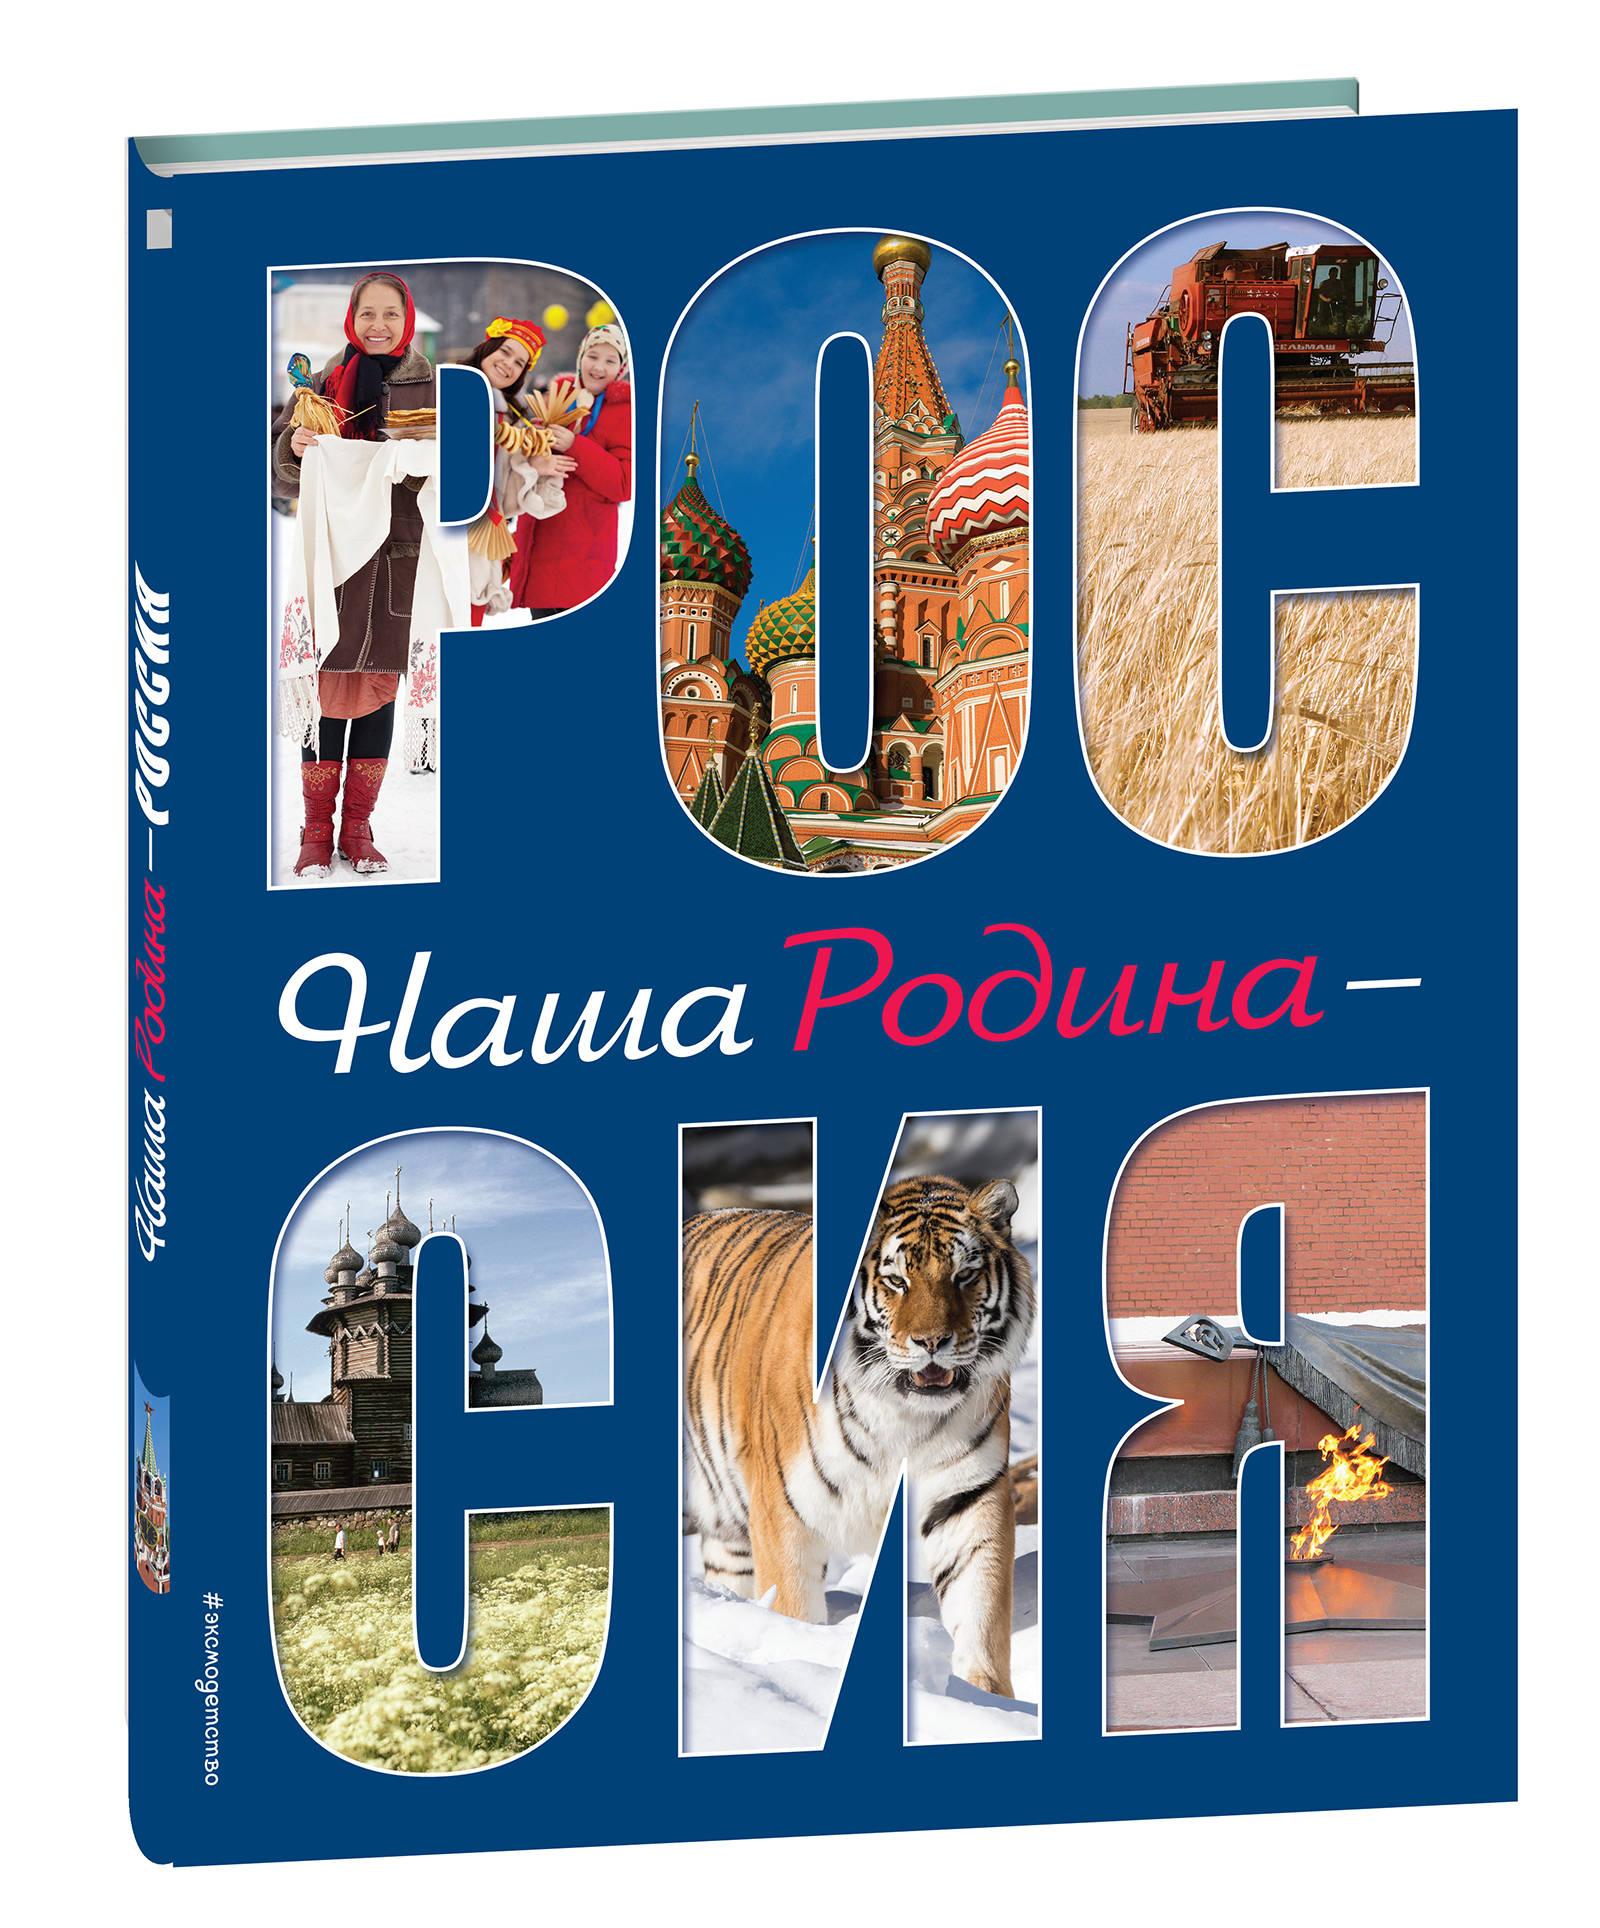 Шуйская Ю.В. Наша Родина - Россия (2-е издание) алешков в данилко е клюшник л и др наша родина россия